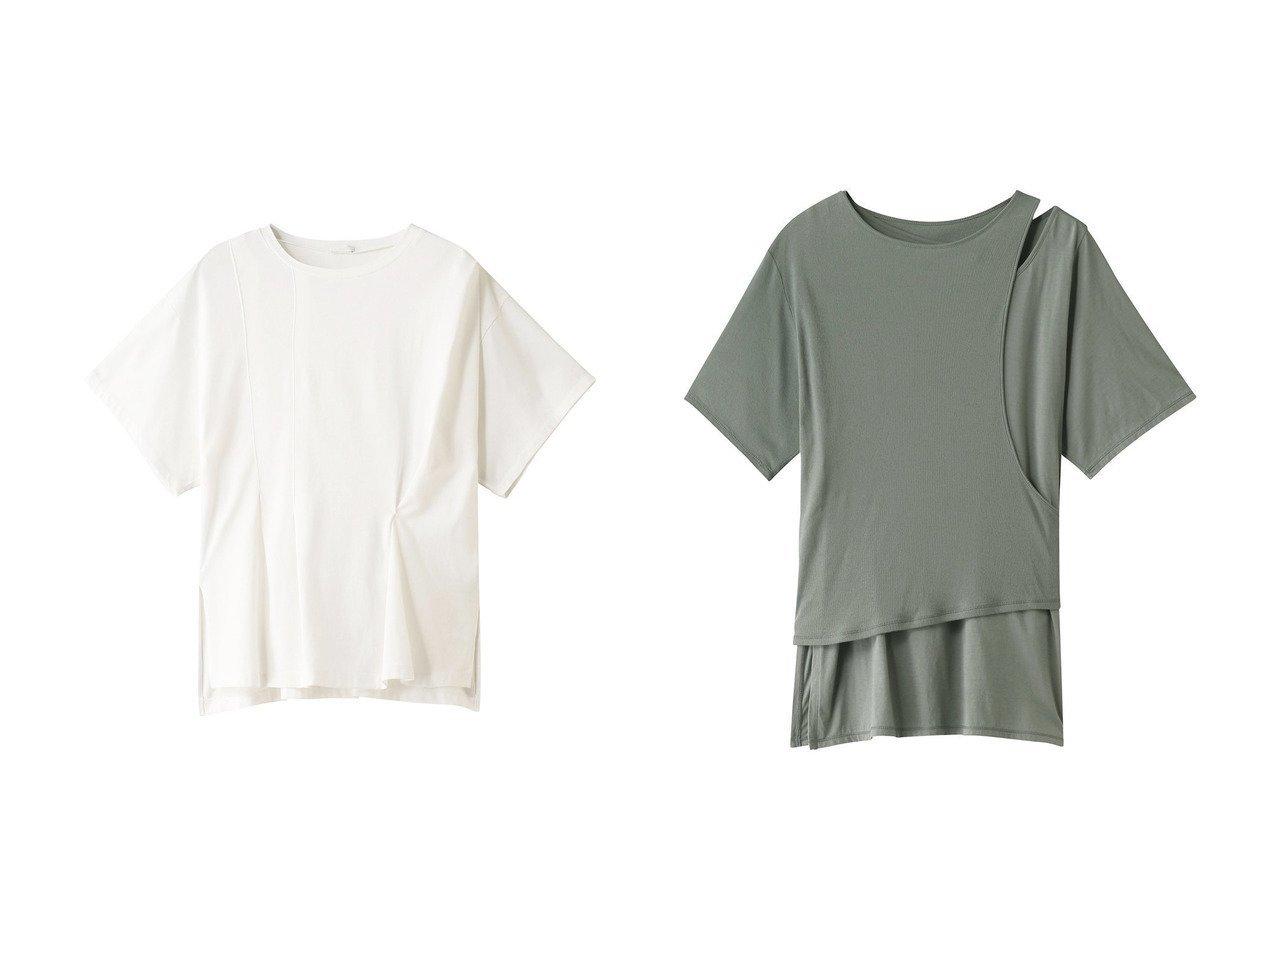 【RITO/リト】のコットンジャージータックTシャツ&コットンジャージーレイヤードTシャツ RITOのおすすめ!人気、トレンド・レディースファッションの通販 おすすめで人気の流行・トレンド、ファッションの通販商品 メンズファッション・キッズファッション・インテリア・家具・レディースファッション・服の通販 founy(ファニー) https://founy.com/ ファッション Fashion レディースファッション WOMEN トップス Tops Tshirt シャツ/ブラウス Shirts Blouses ロング / Tシャツ T-Shirts カットソー Cut and Sewn 2021年 2021 2021 春夏 S/S SS Spring/Summer 2021 S/S 春夏 SS Spring/Summer ショート シンプル スリーブ ベーシック 定番 Standard 春 Spring  ID:crp329100000019488